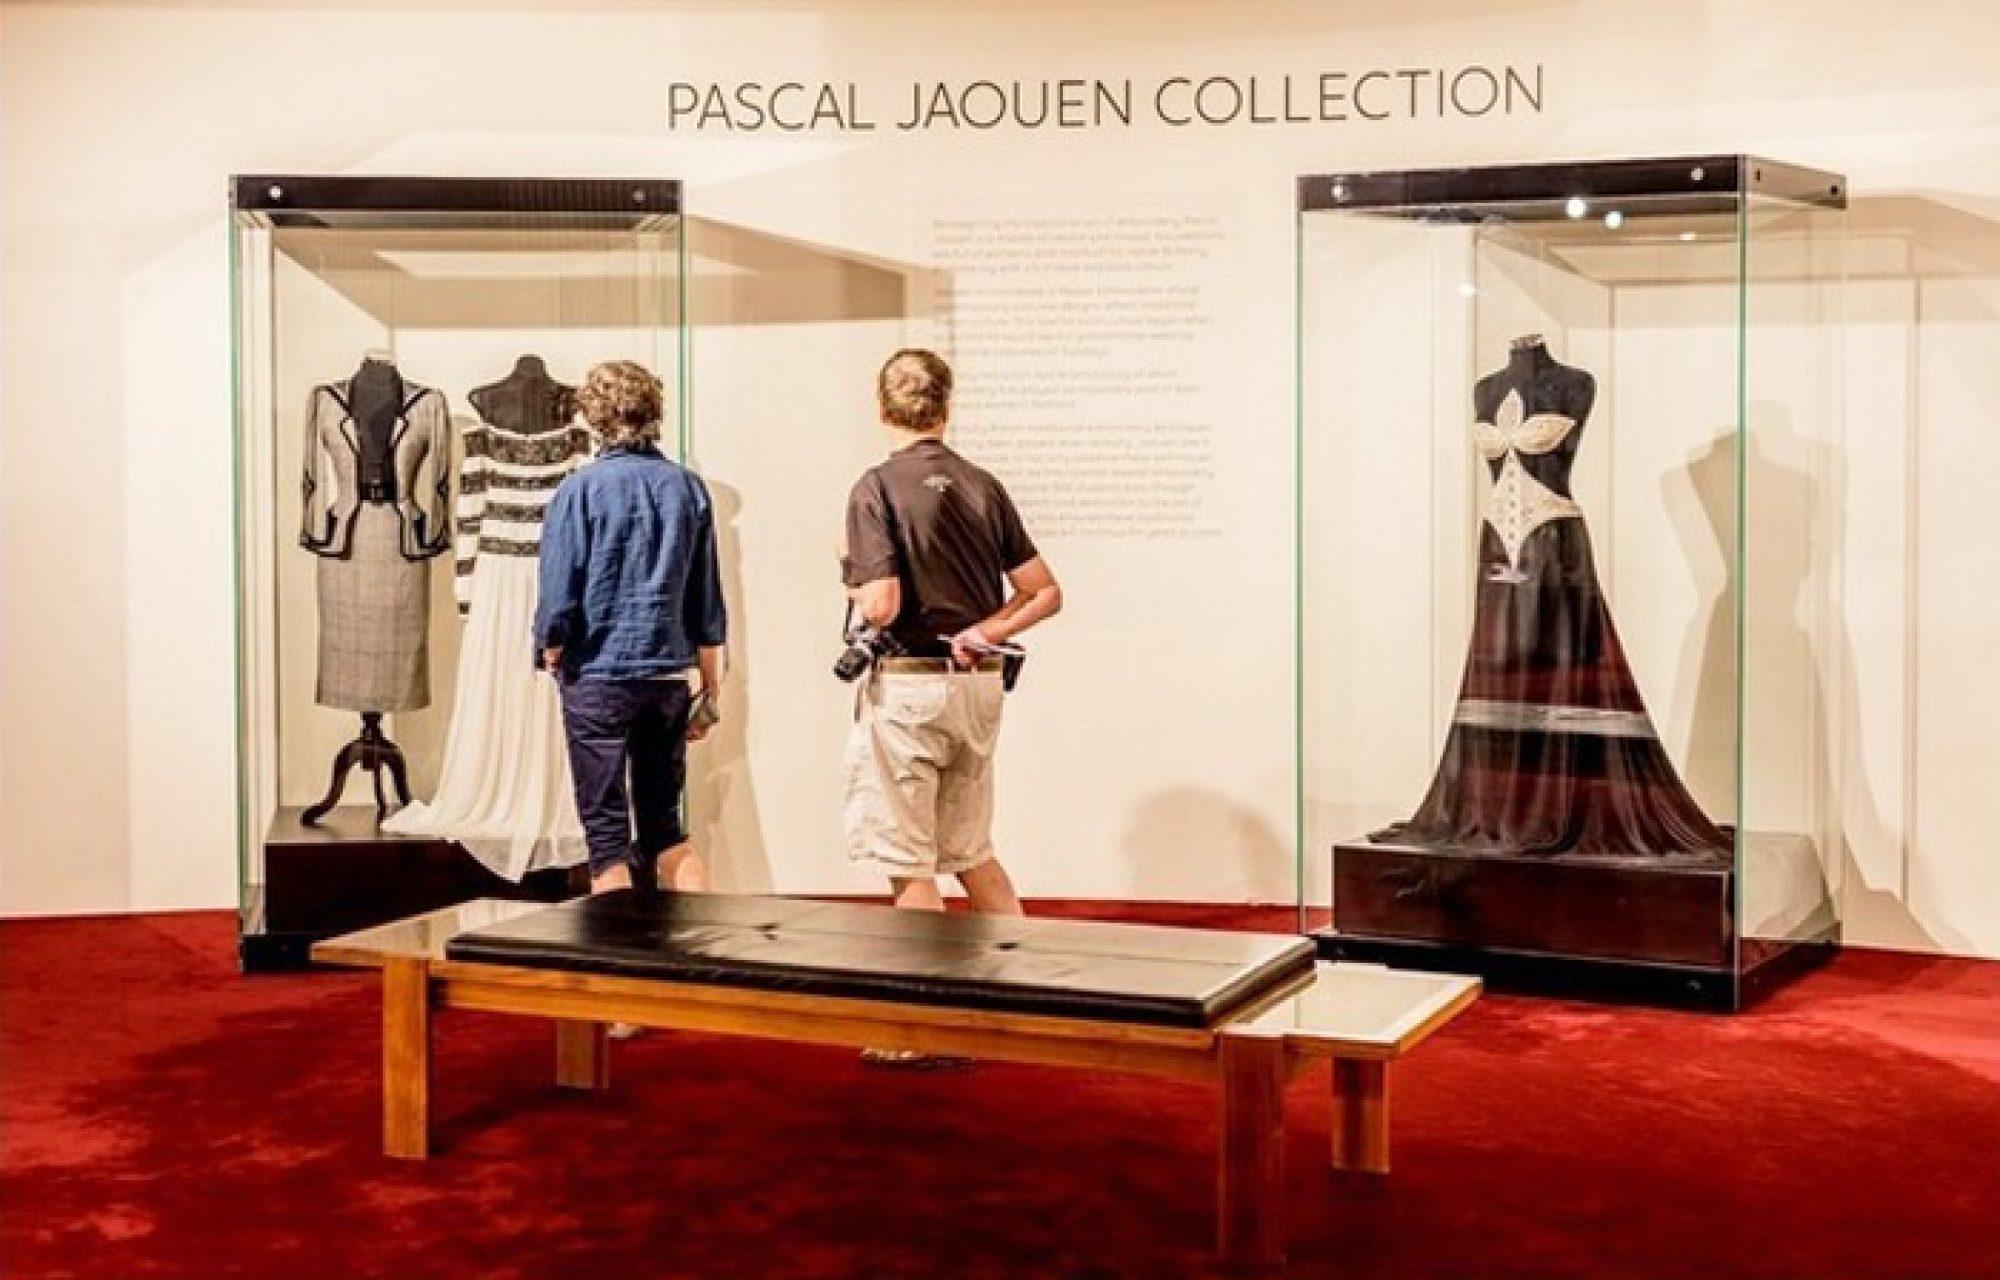 Pascal Jaouen Collection Inspirations Studios